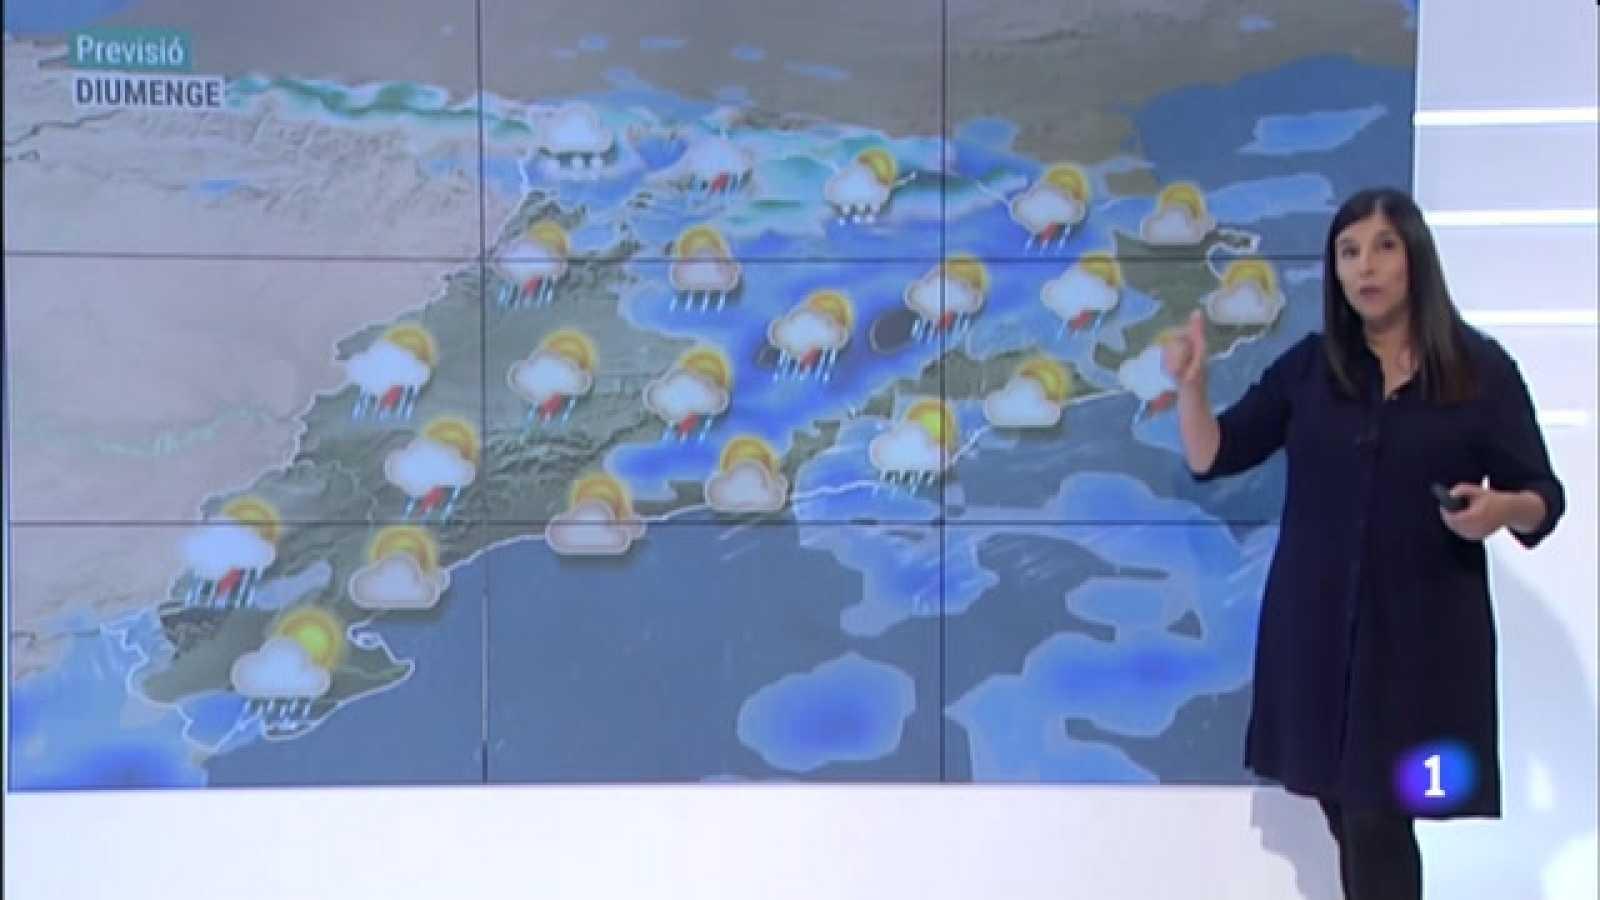 El Temps (09/04/2021) -  Ruixats, tempestes i retorn a l'hivern